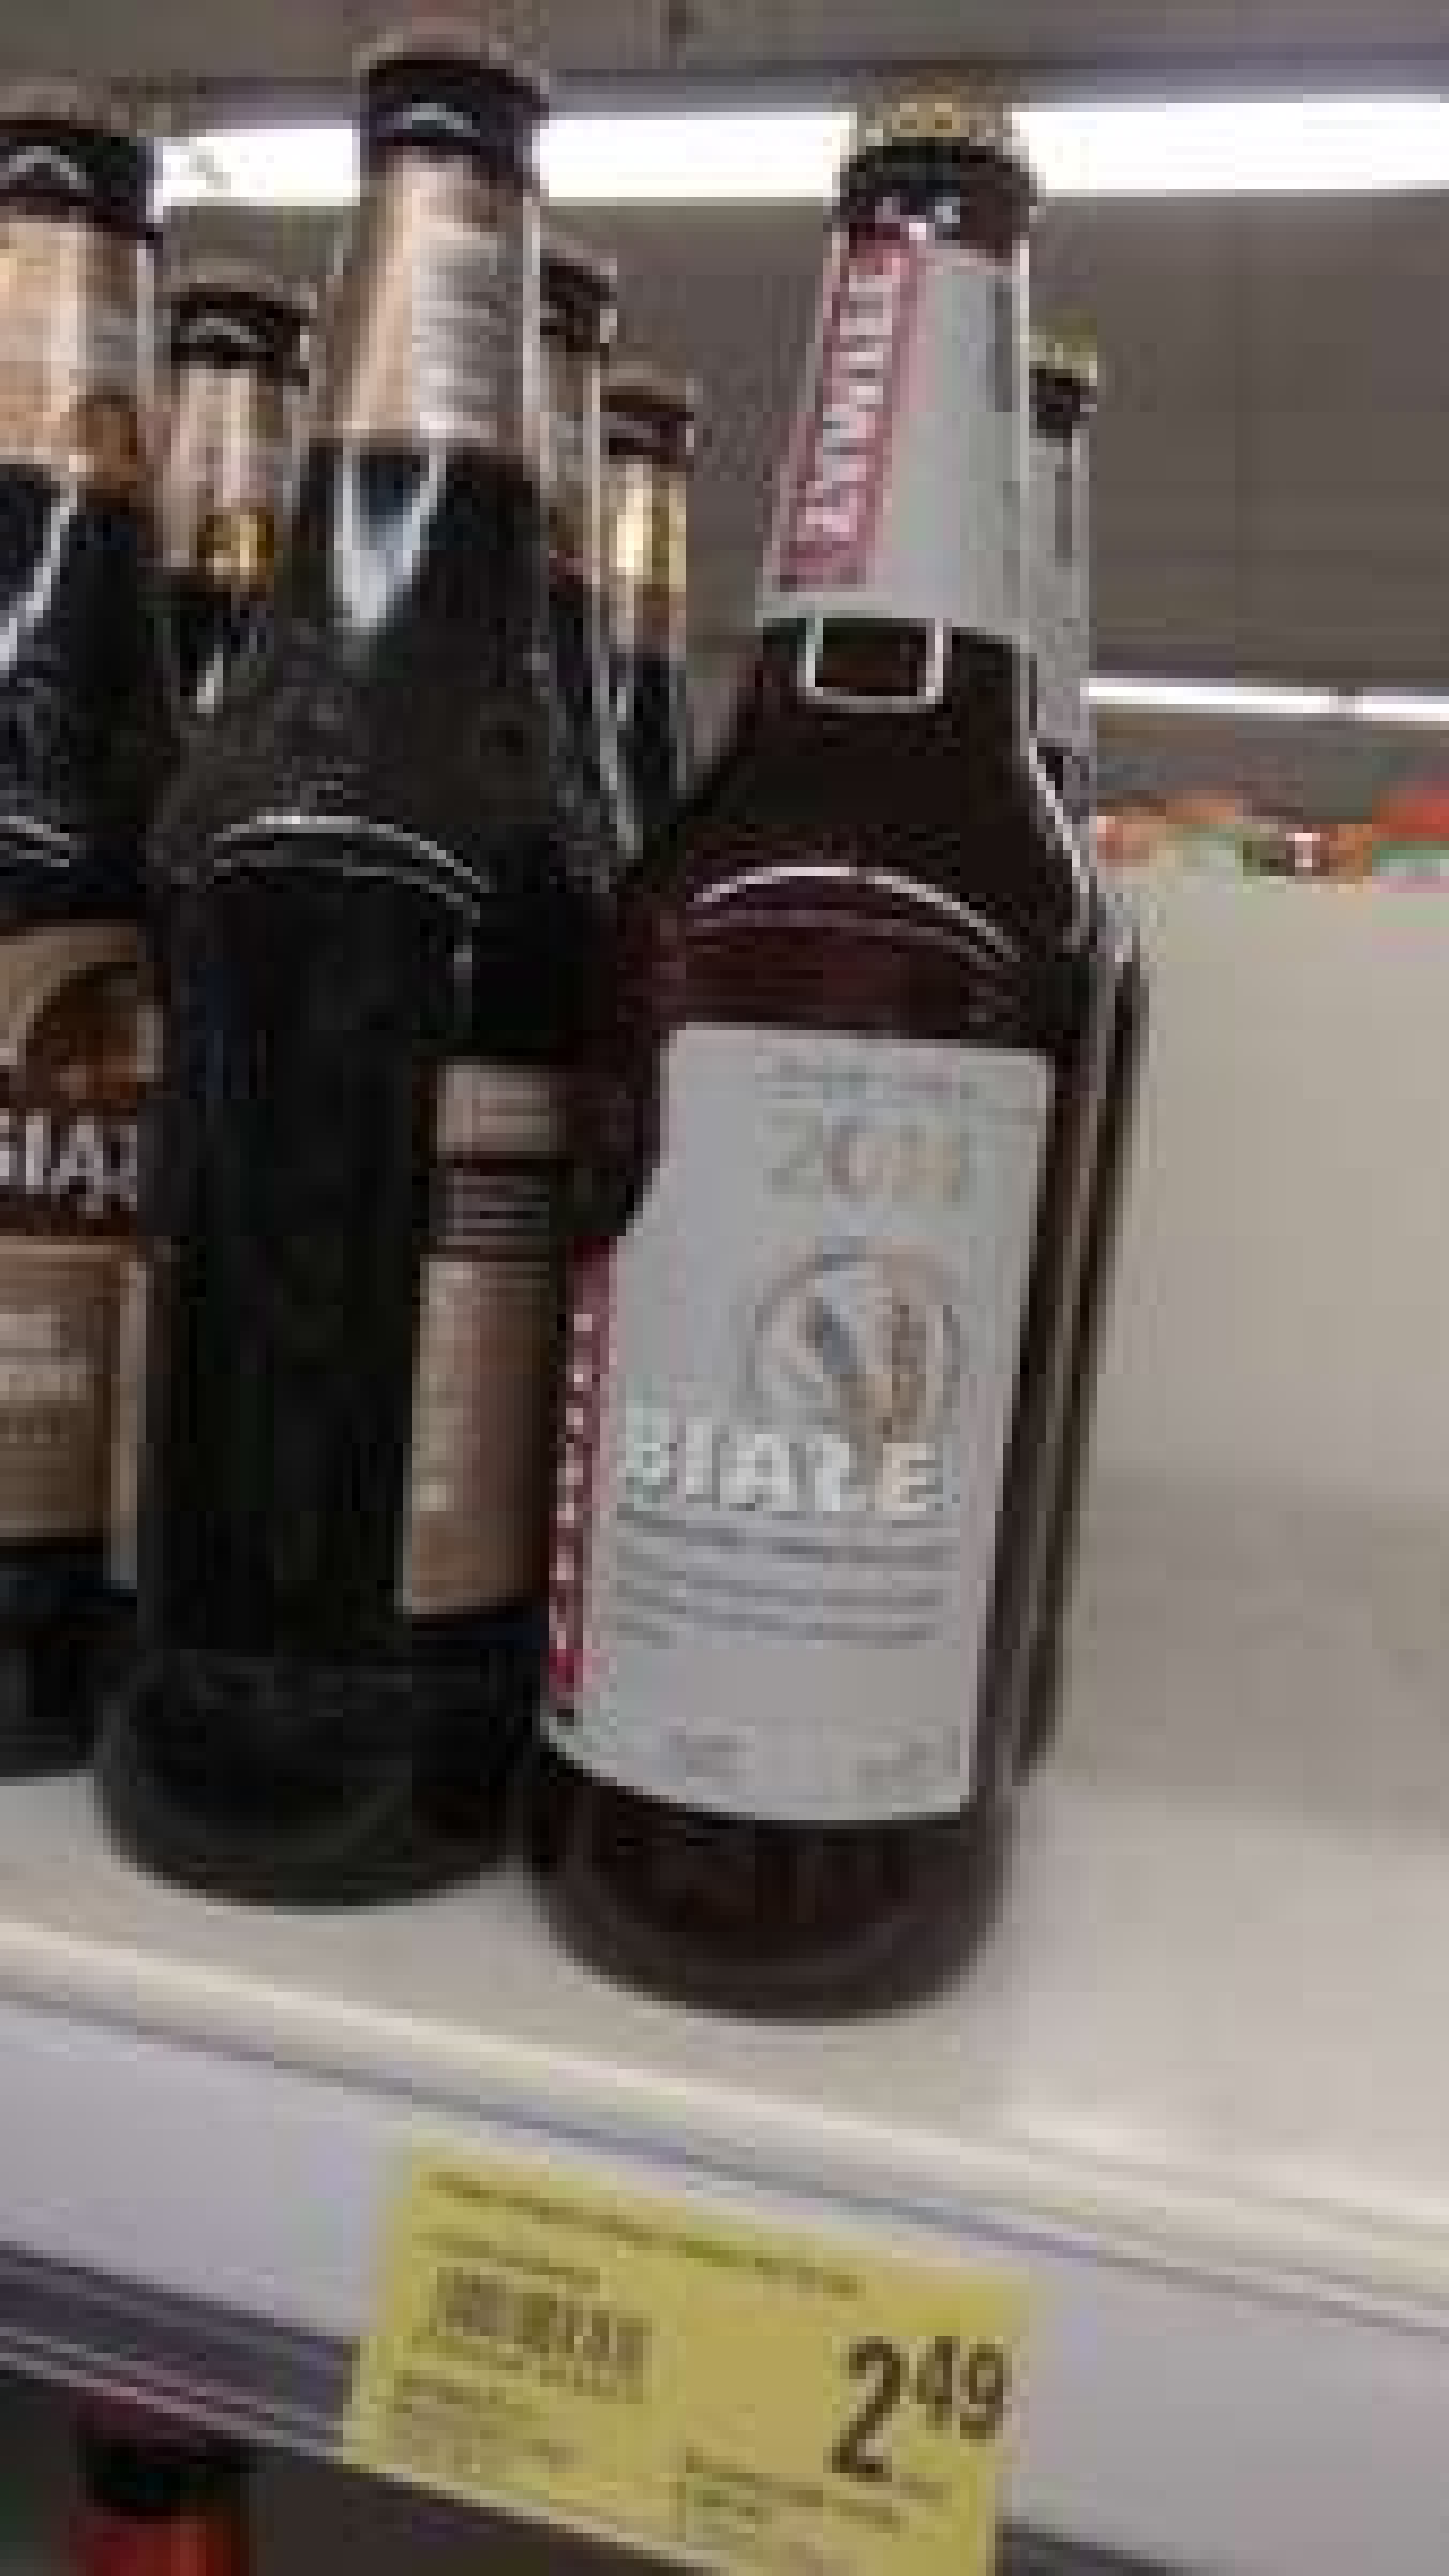 Piwo Żywiec Białe 0,5L butelka Stokrotka Sosnowiec